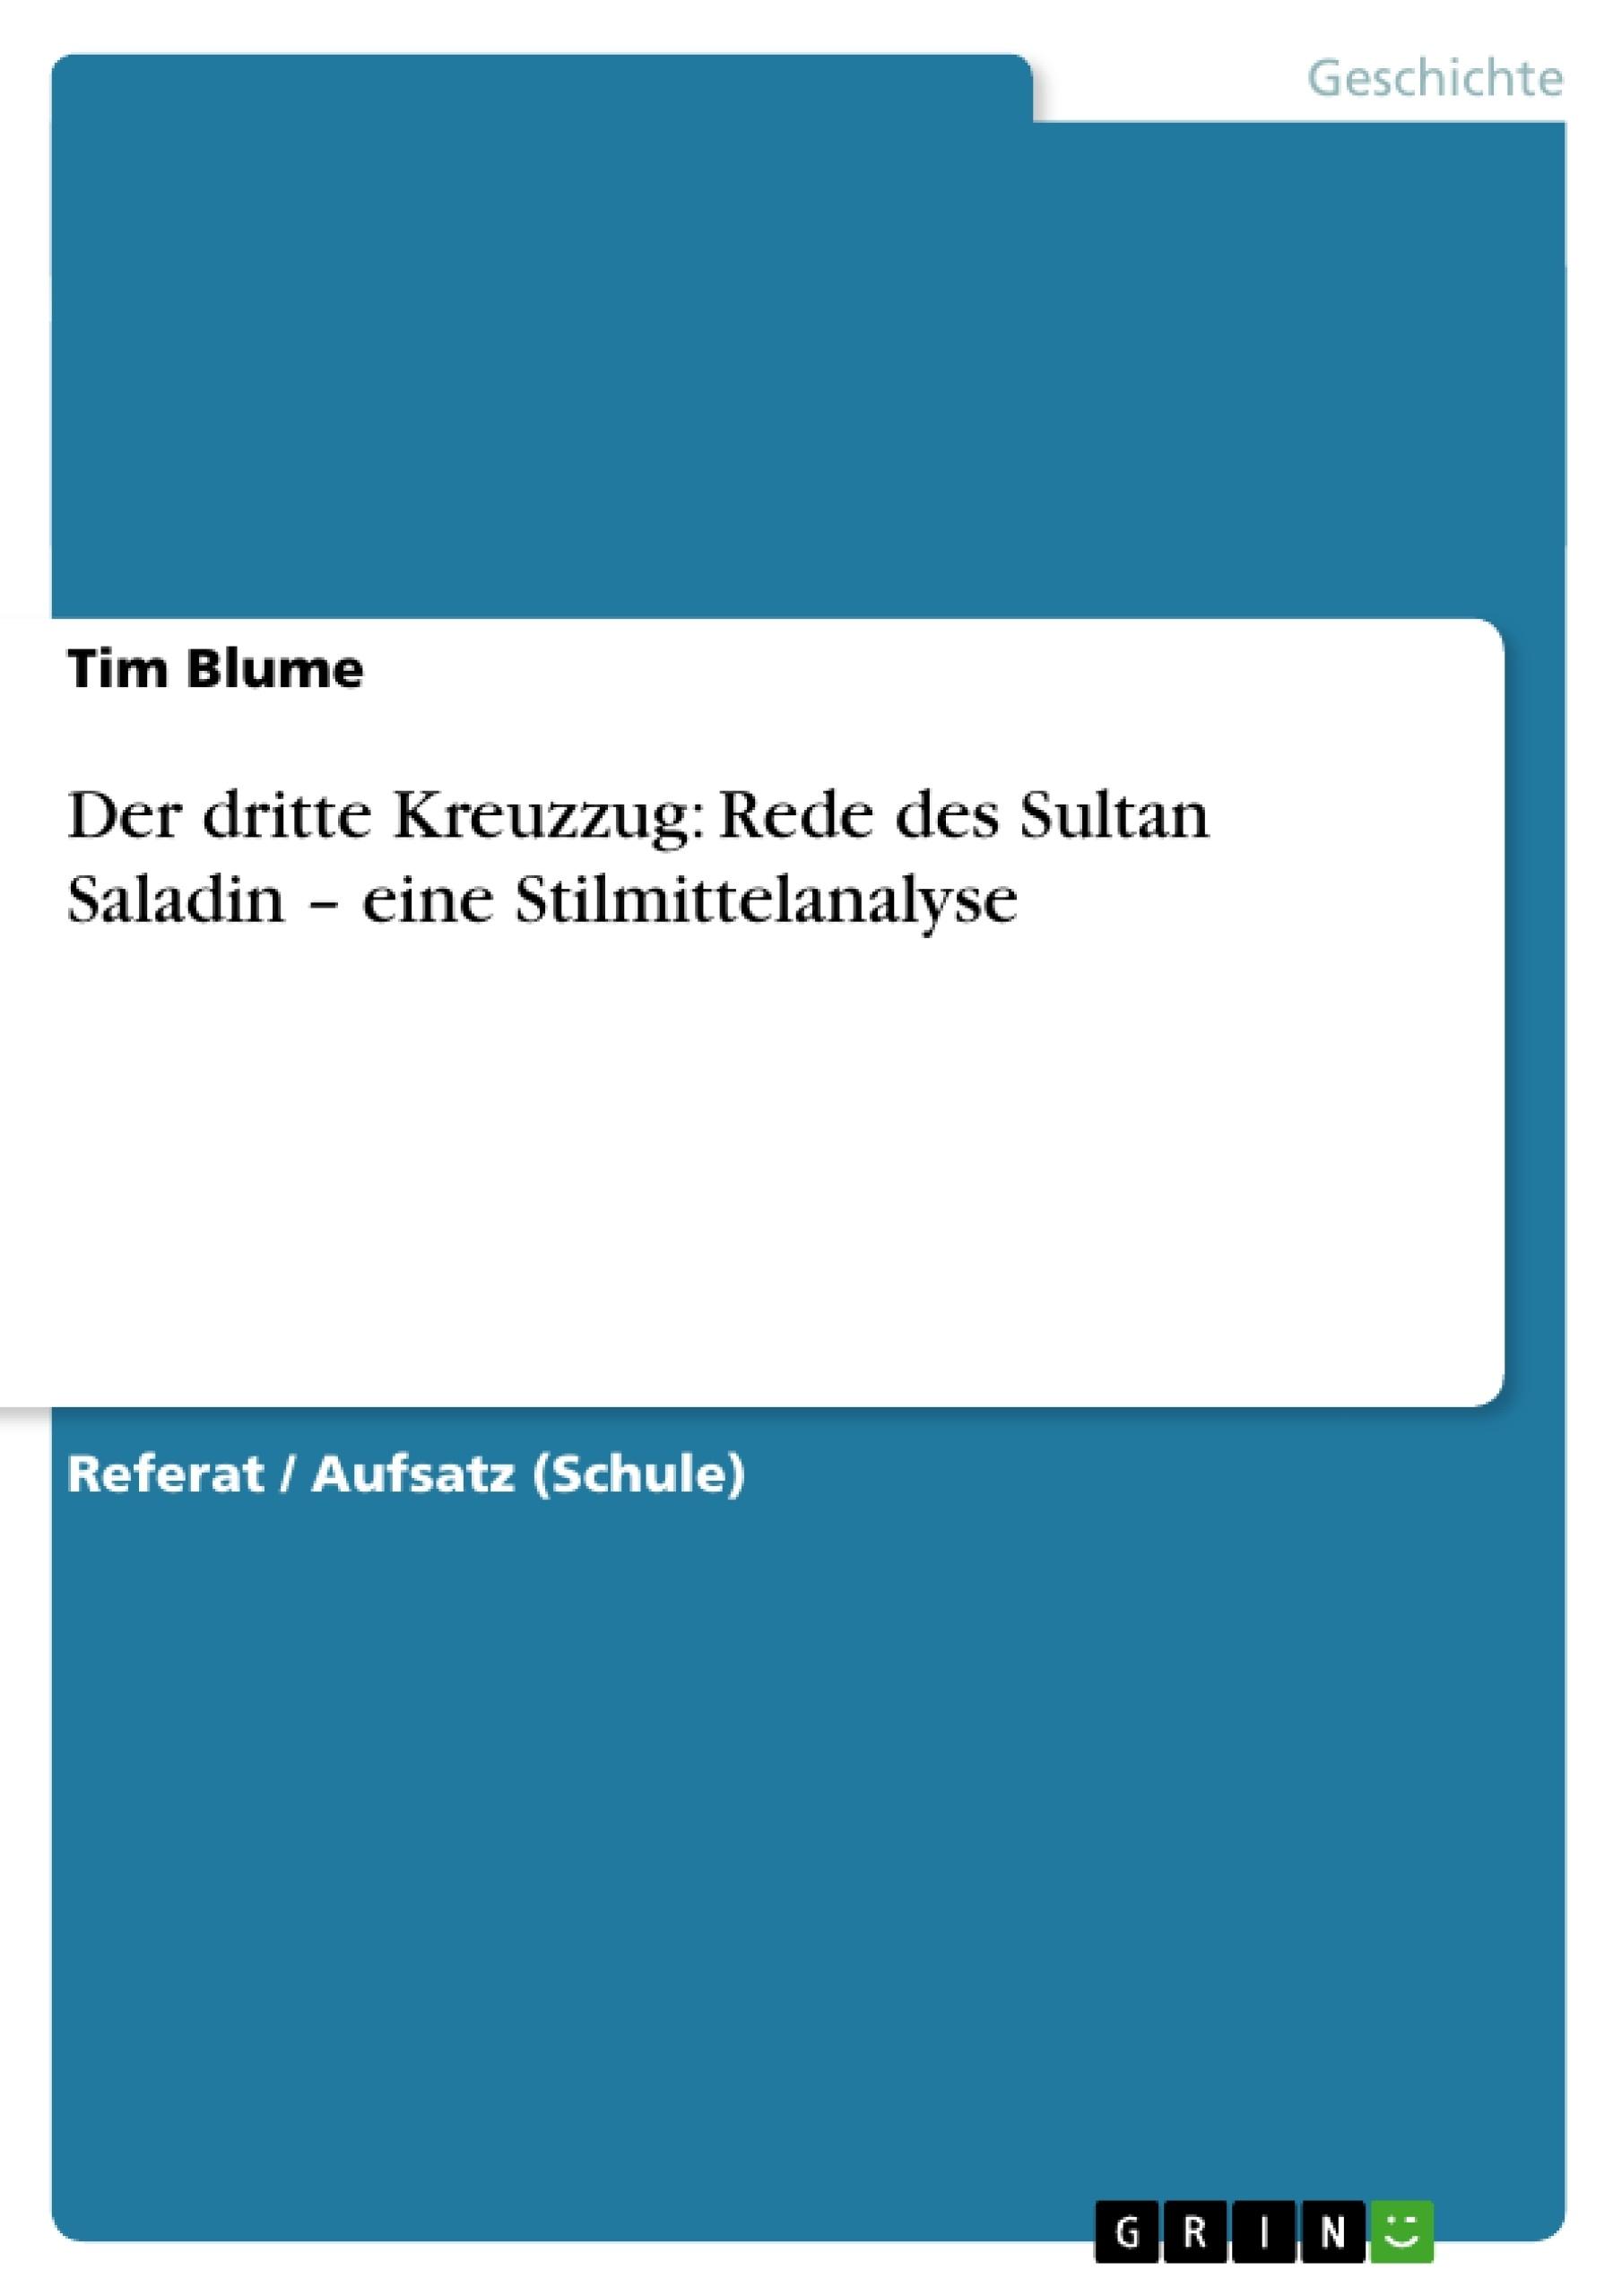 Titel: Der dritte Kreuzzug: Rede des Sultan Saladin – eine Stilmittelanalyse